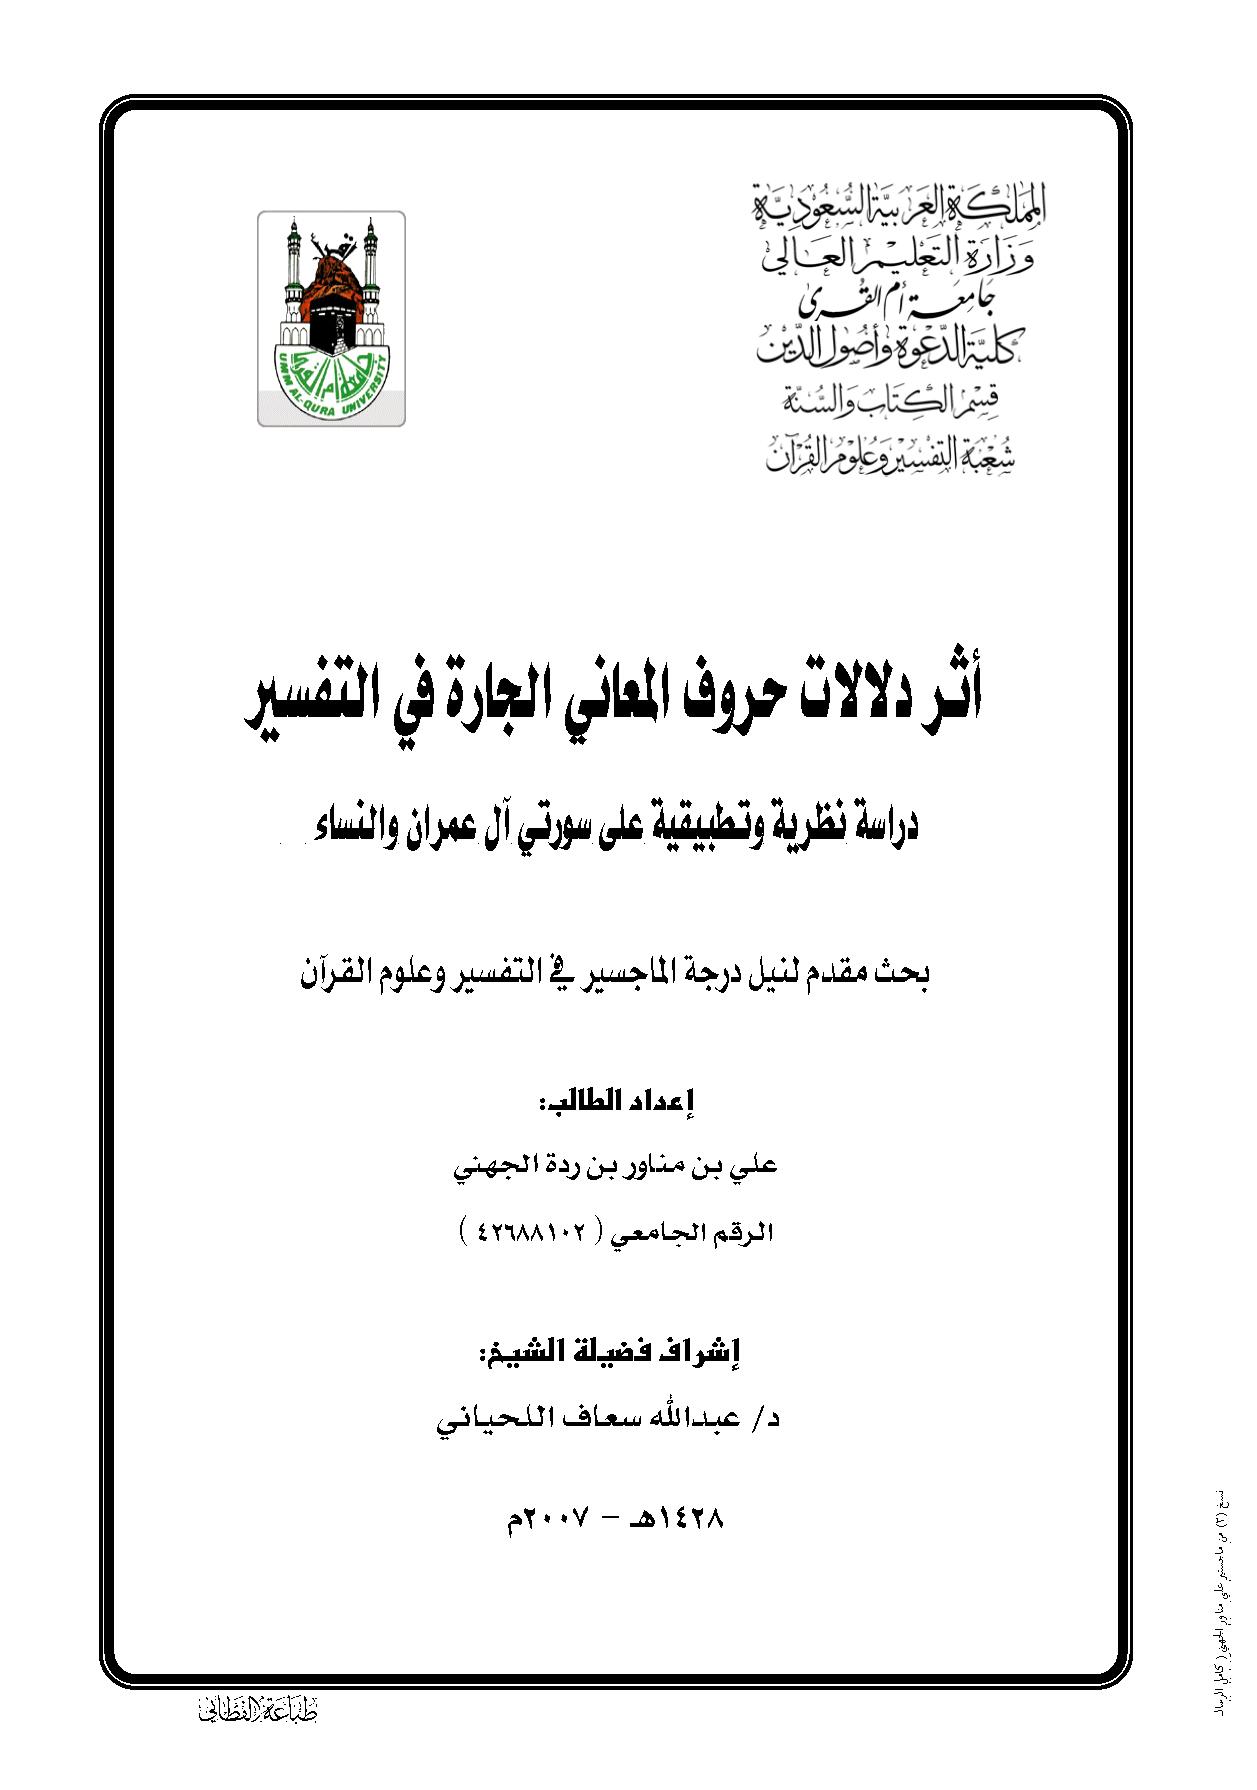 أثر دلالات حروف المعاني الجارة في التفسير - علي بن مناور بن ردة الجهني